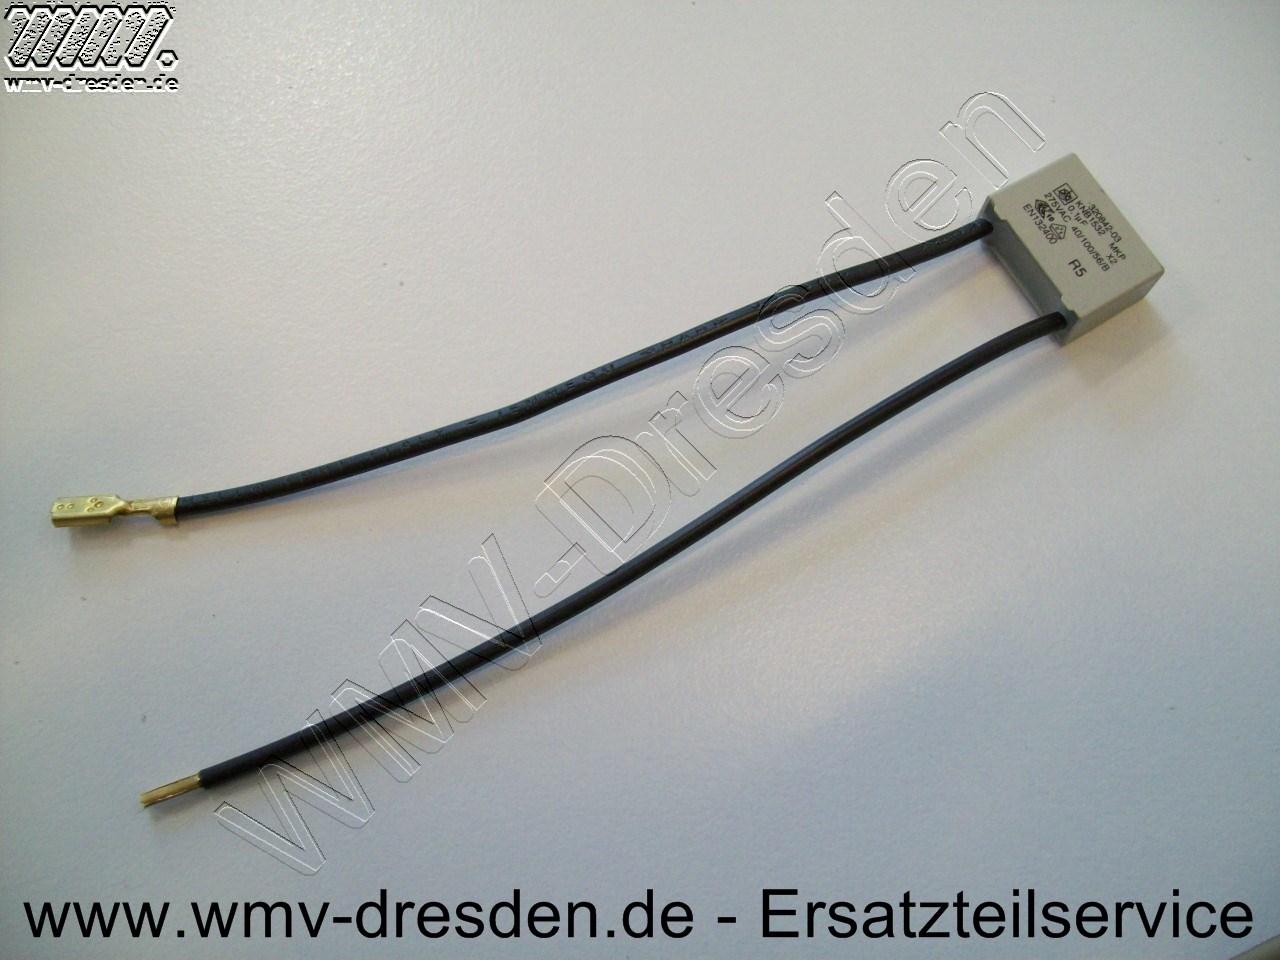 KONDENSATOR, 0,1 mF, eckige Form, 2 Anschlusskabel -